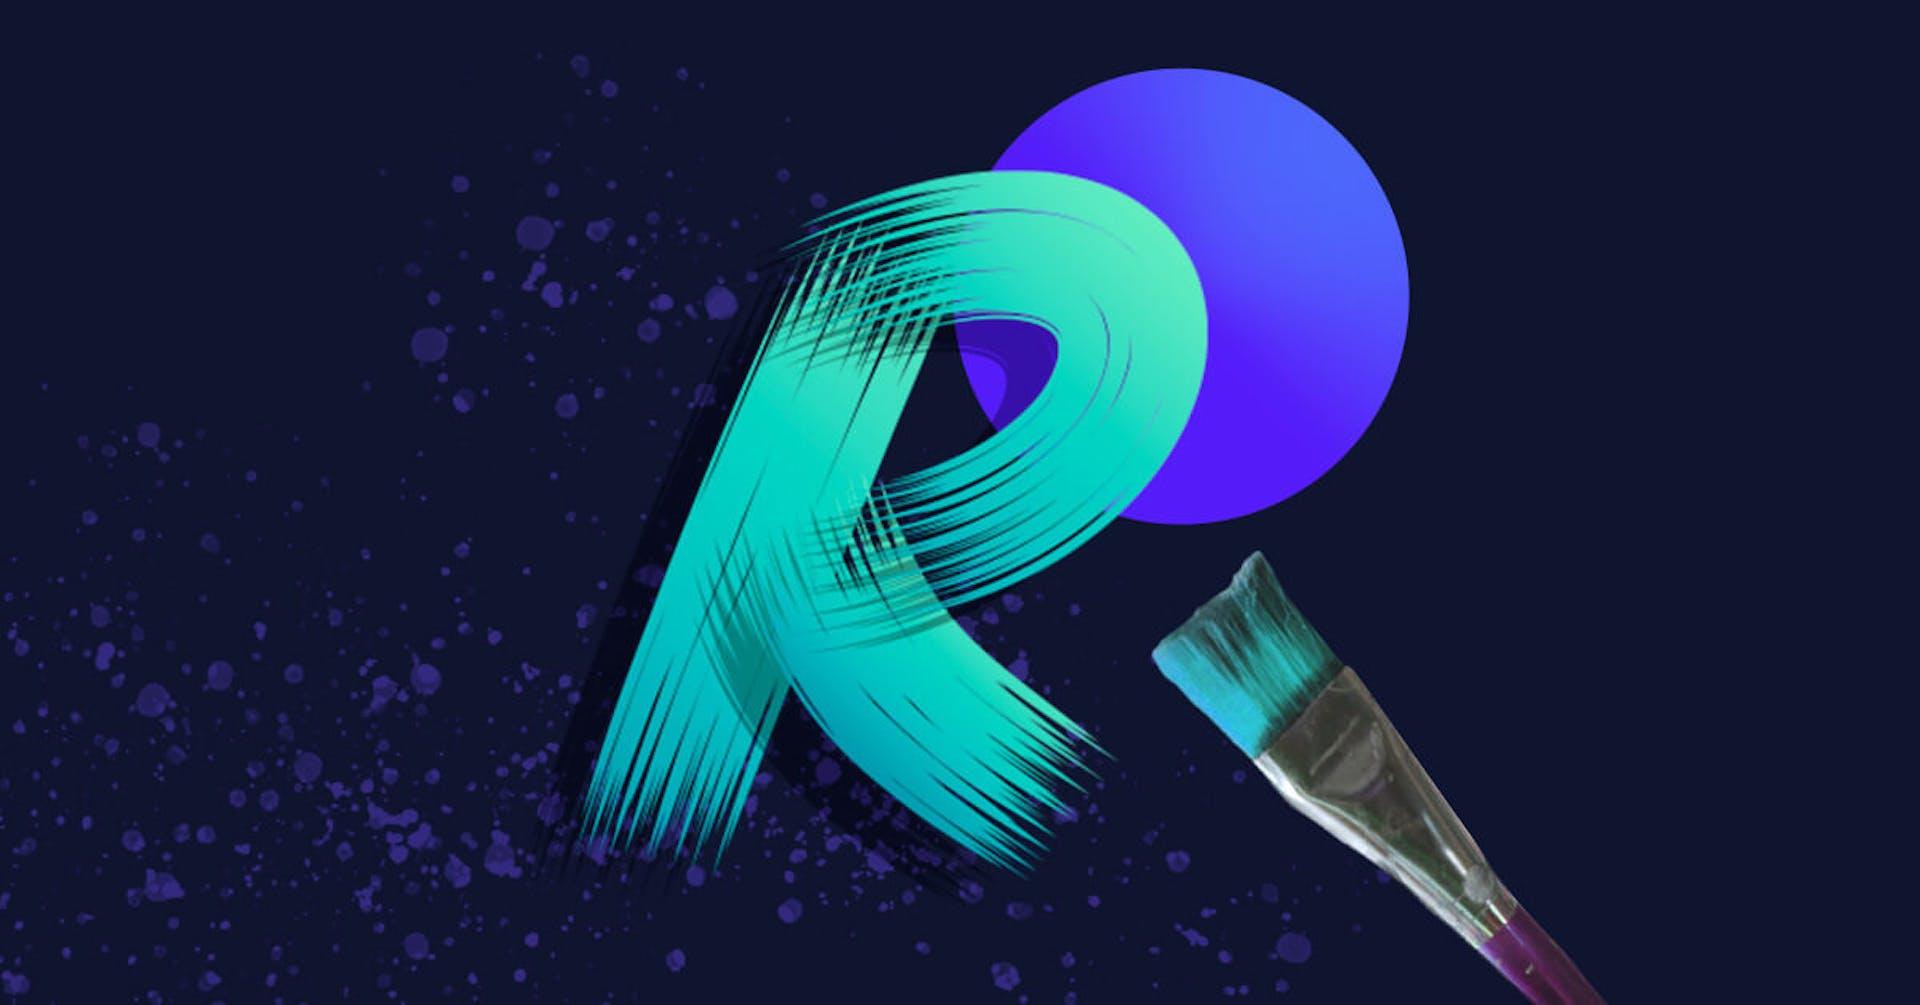 Las mejores tipografías pincel para tus diseños creativos